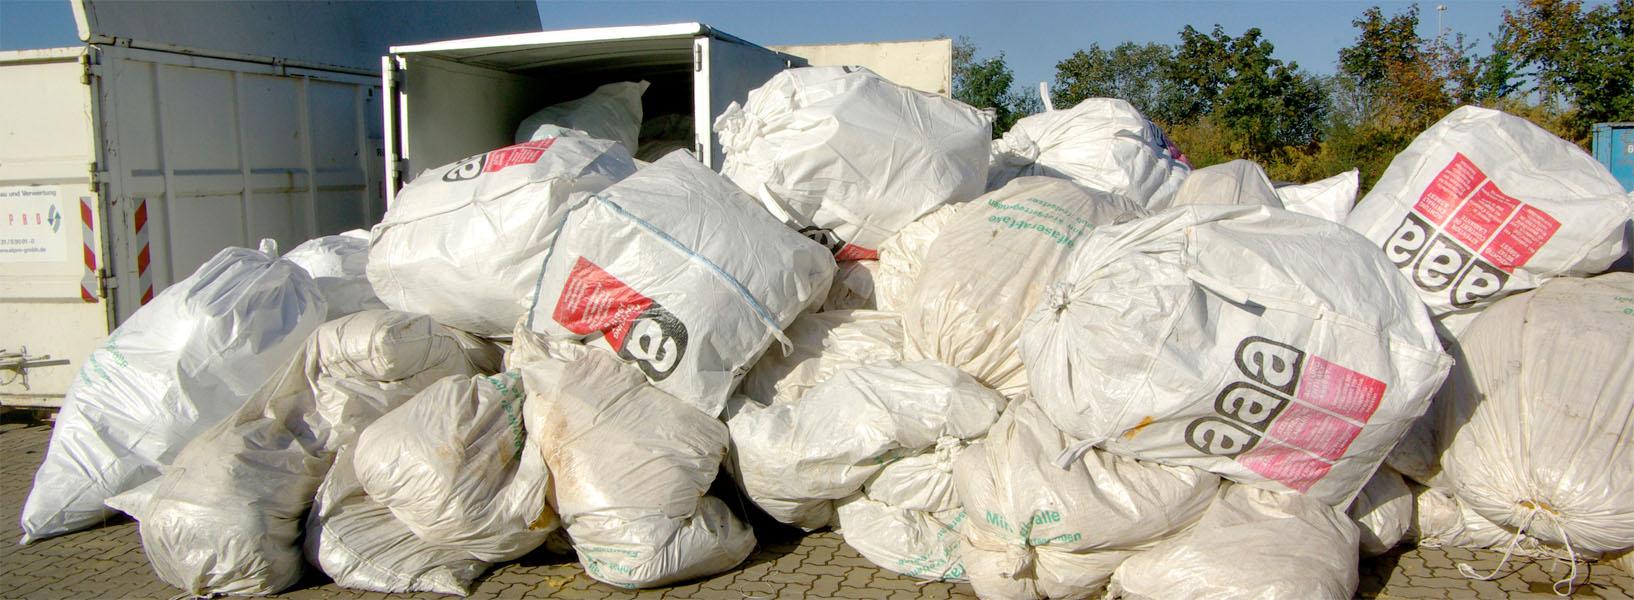 Favorit WAS - Wolfsburger Abfallwirtschaft und Straßenreinigung - Asbest JG79